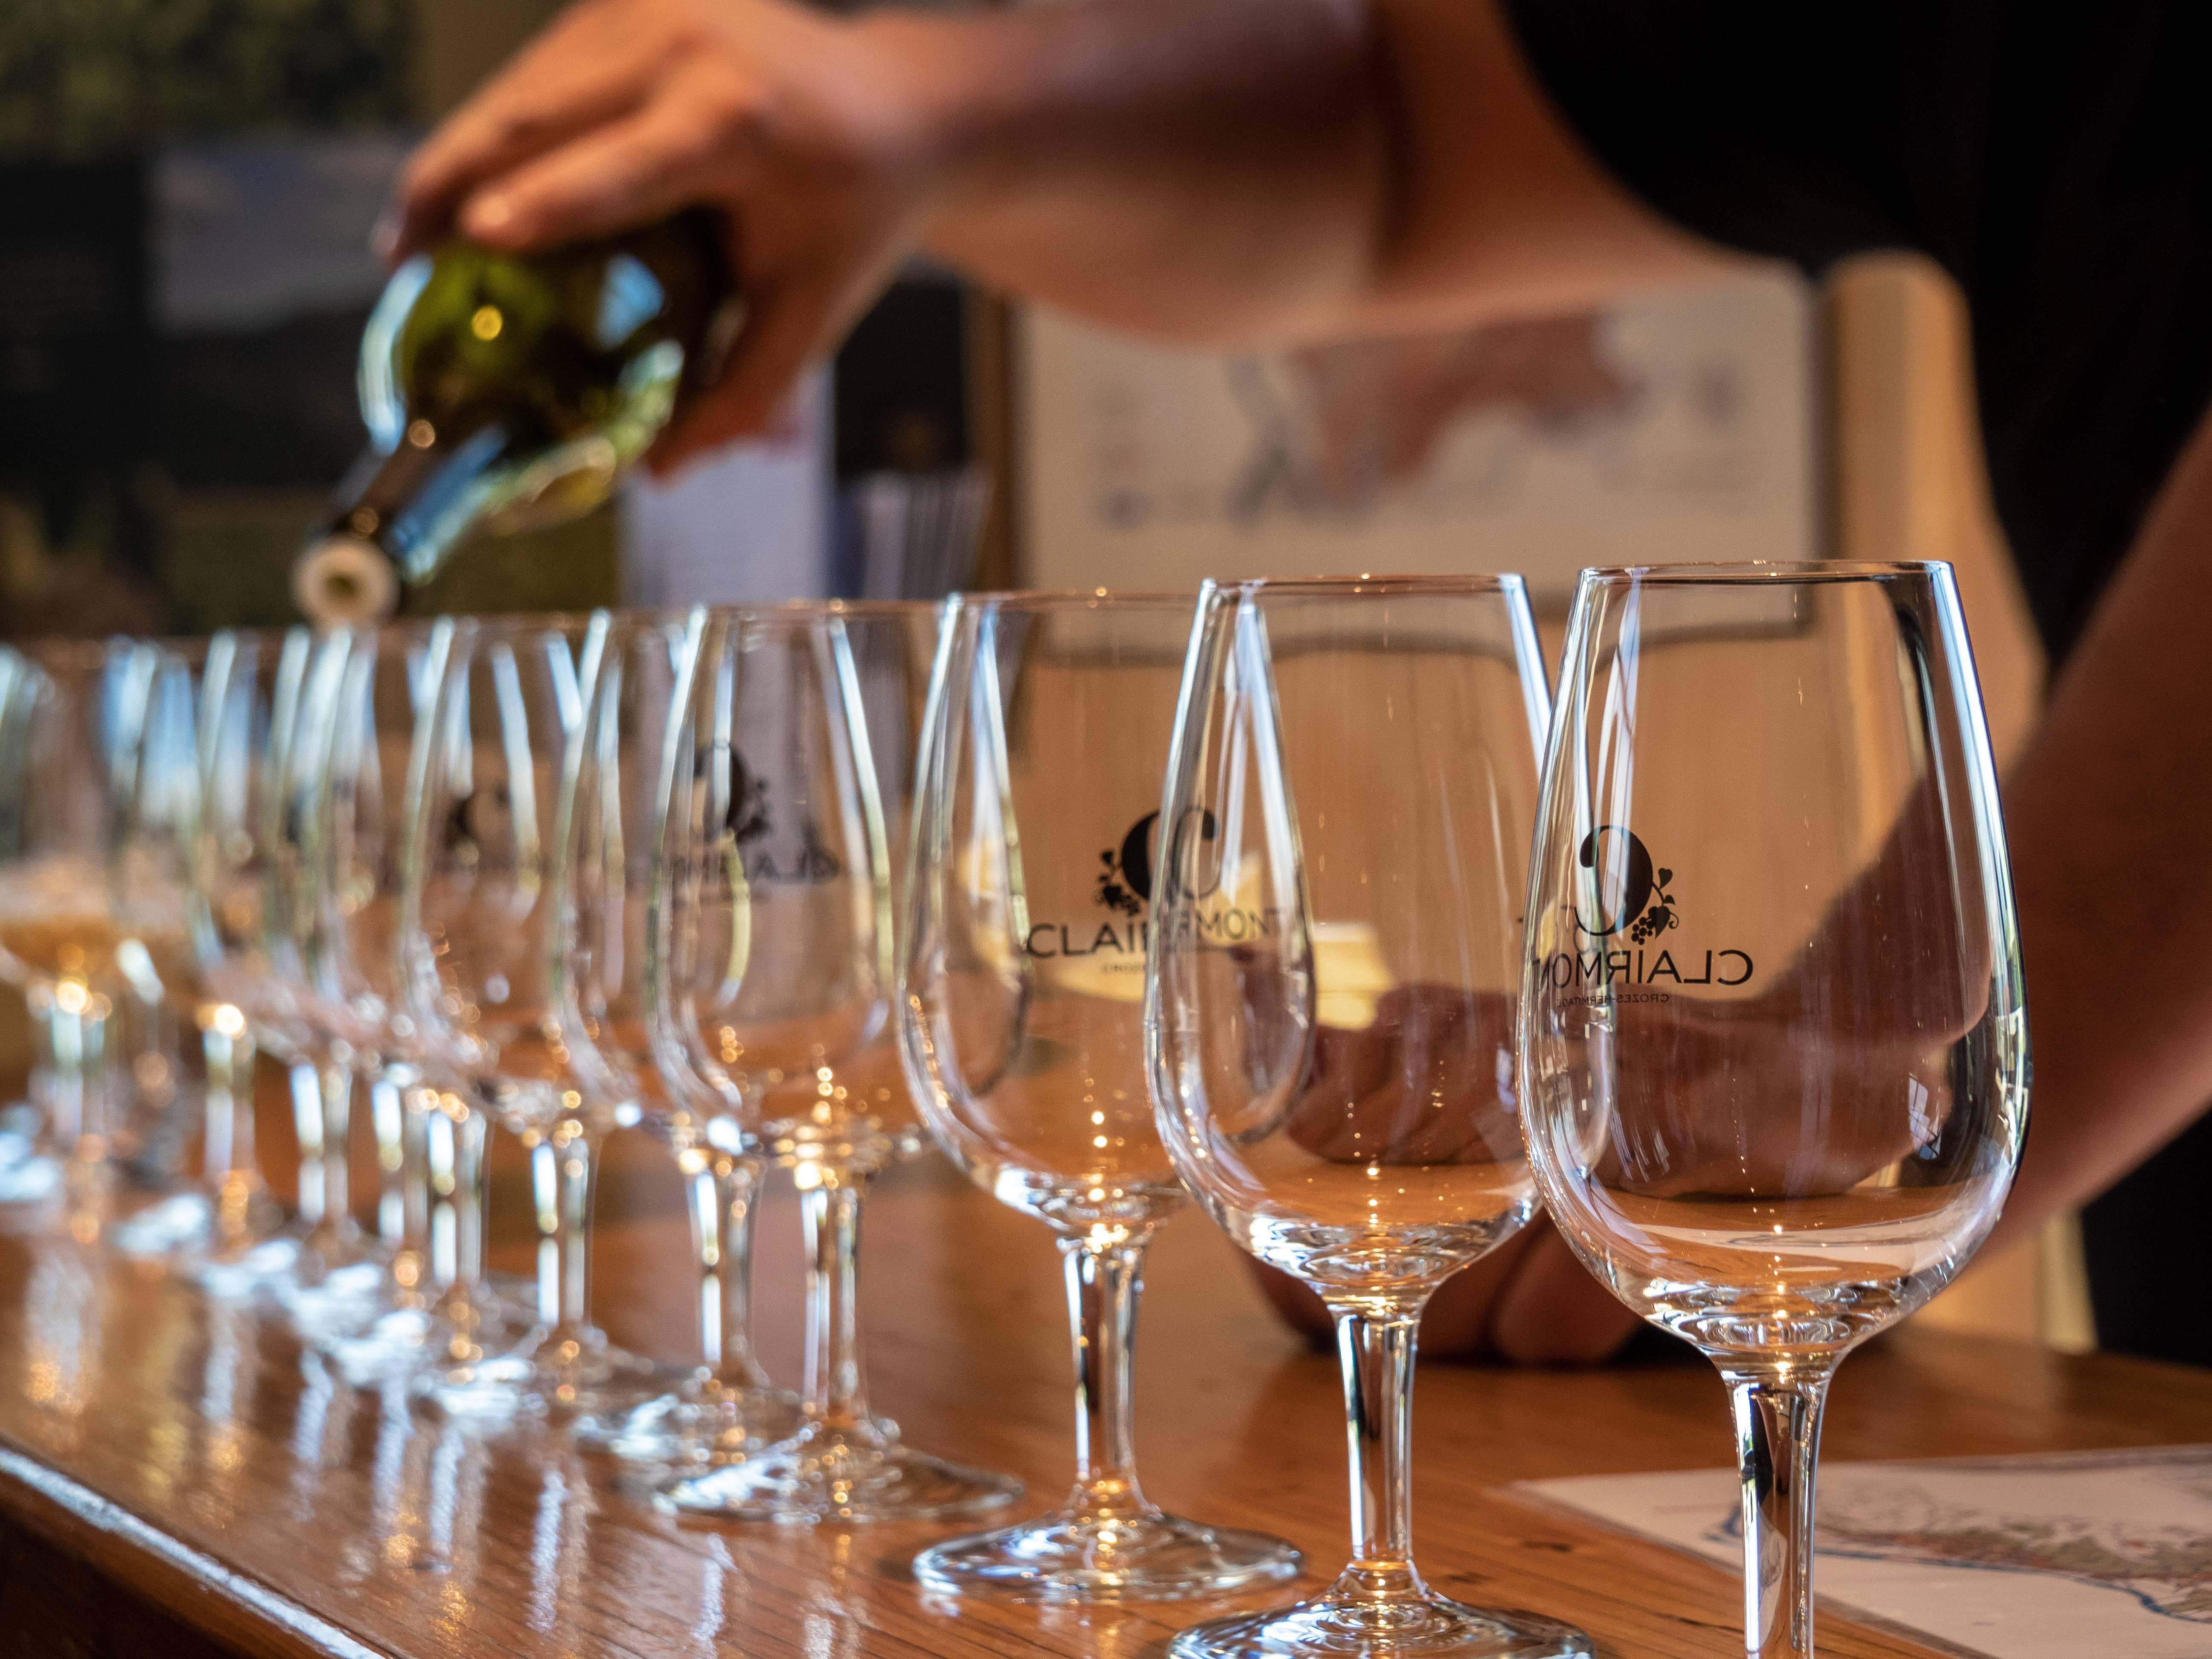 Les vins de Clairmont